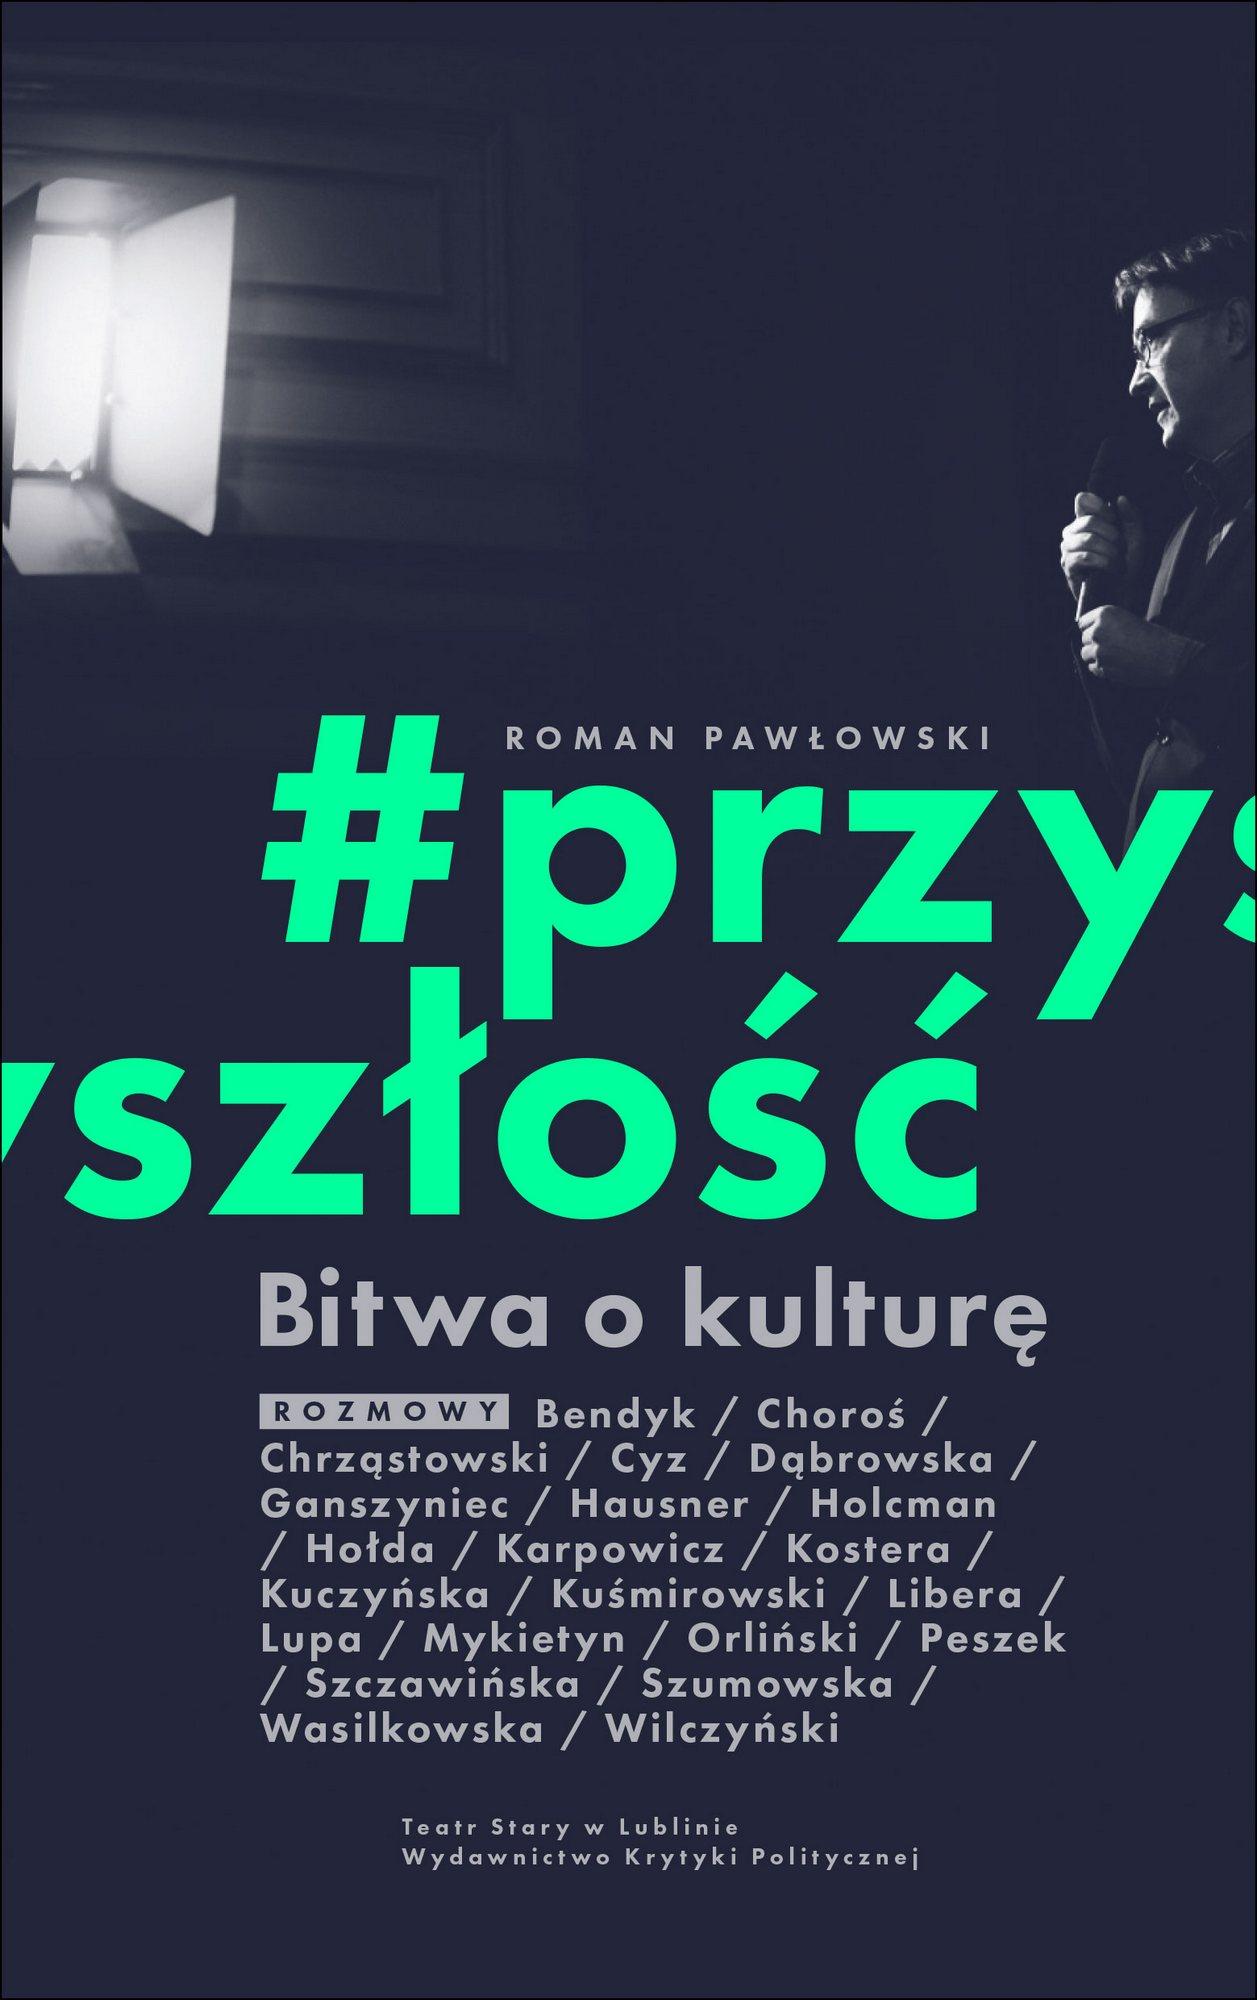 """Roman Pawłowski, """"Bitwa o kulturę. #przyszłość"""" – okładka (źródło: materiały prasowe wydawcy)"""